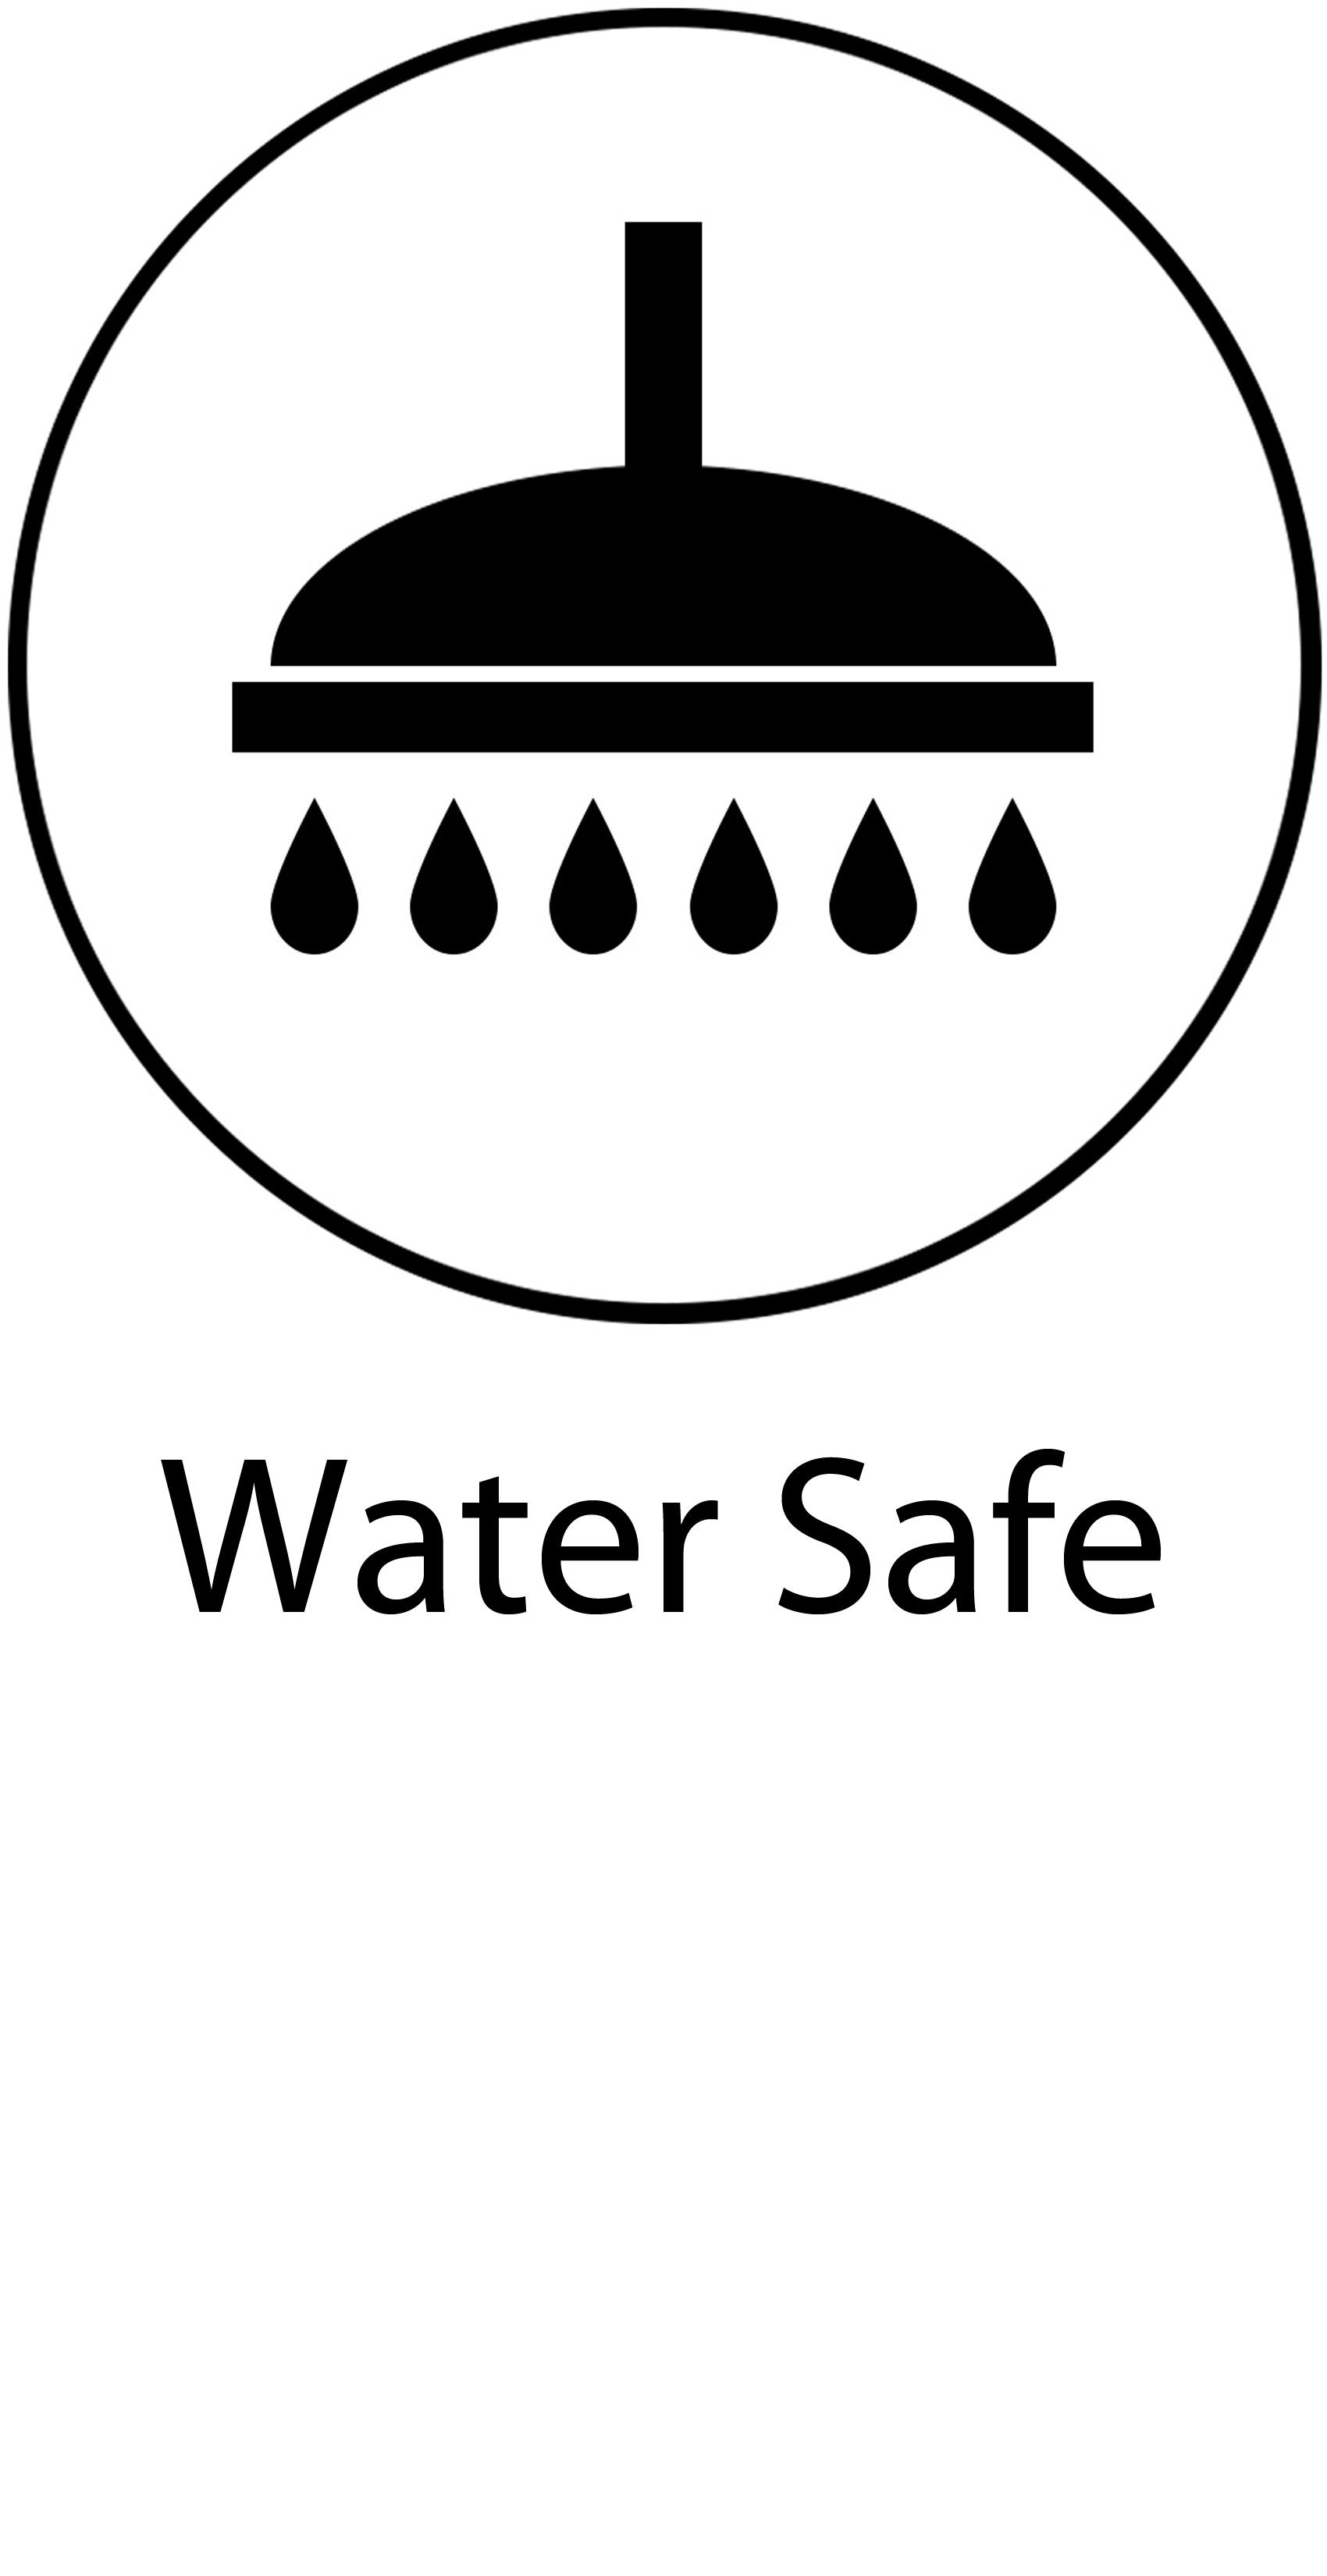 Water Safe.jpg